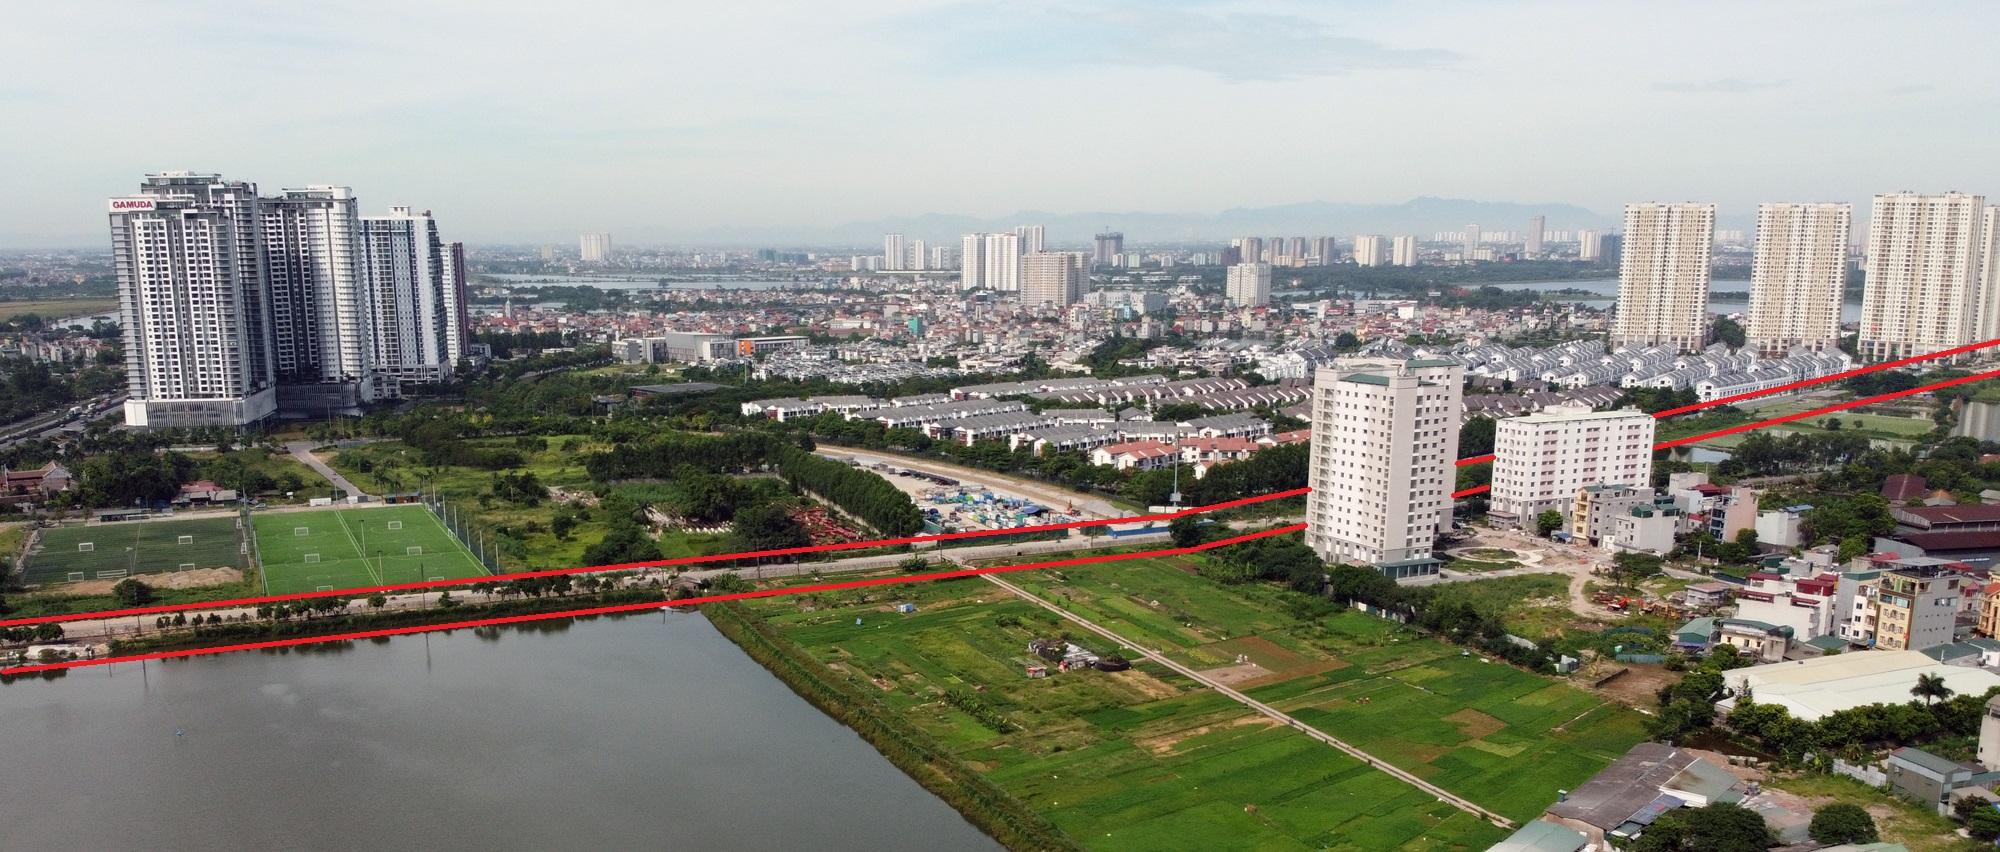 đường sẽ mở theo qui hoạch ở phường Trần Phú, Hoàng Mai, Hà Nội - Ảnh 8.